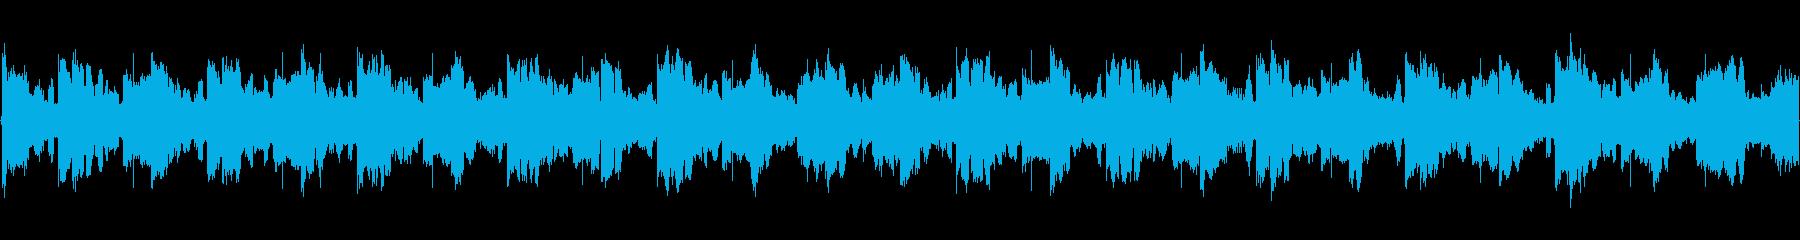 様々なシーンを想定した約30秒の曲です。の再生済みの波形